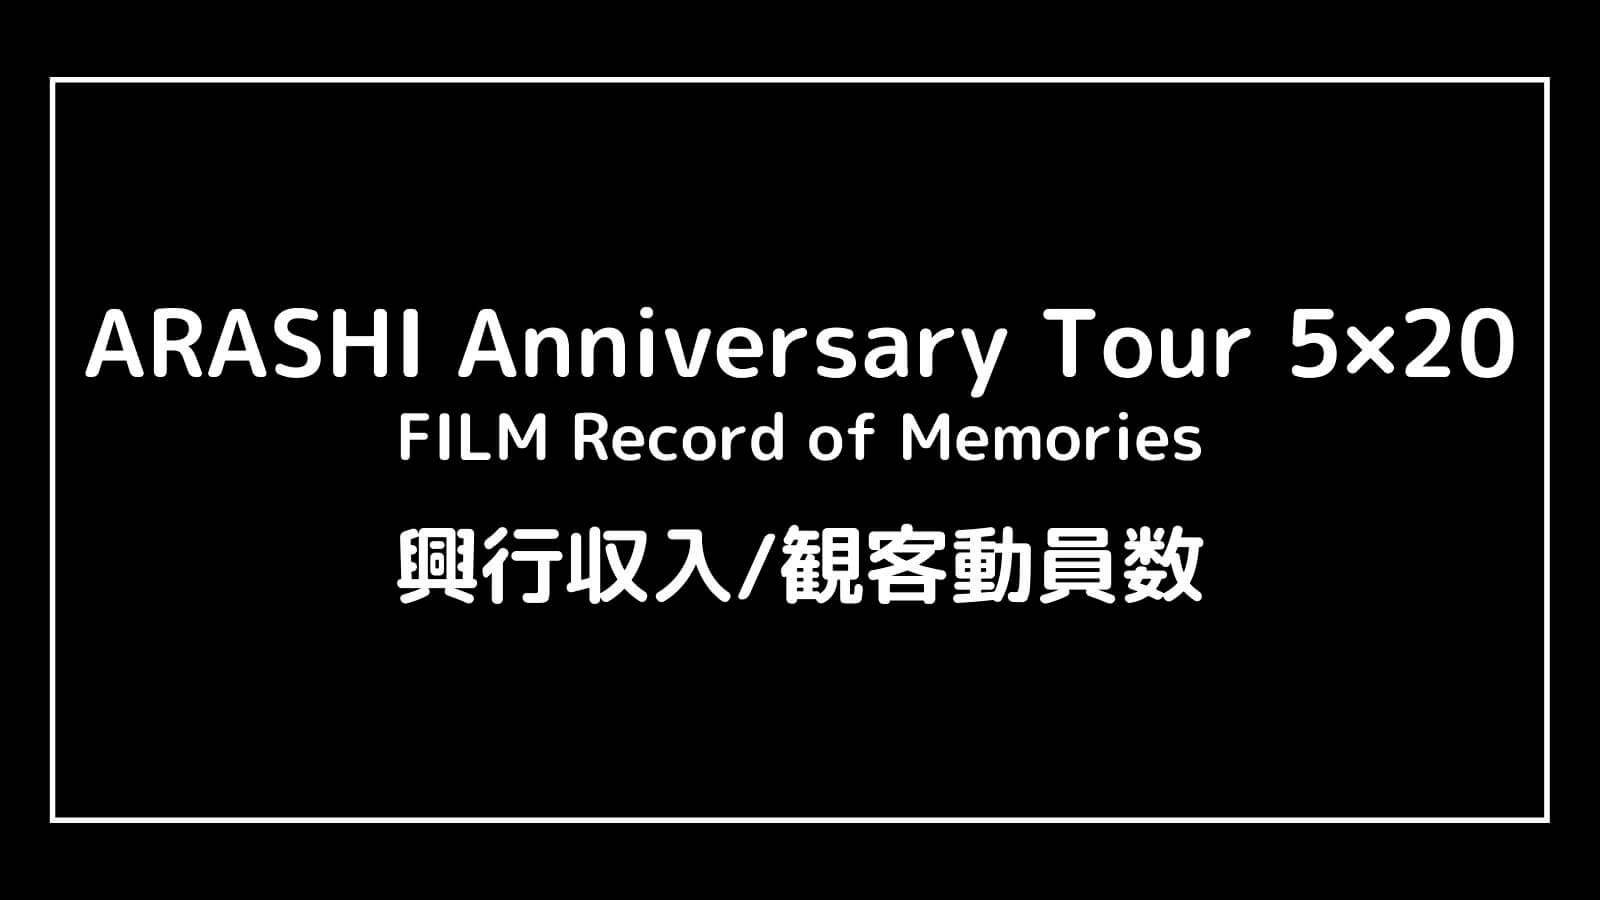 映画『嵐 ARASHI Anniversary Tour 5×20』興行収入推移と最終興収を元映画館社員が予想【FILM Record of Memories】